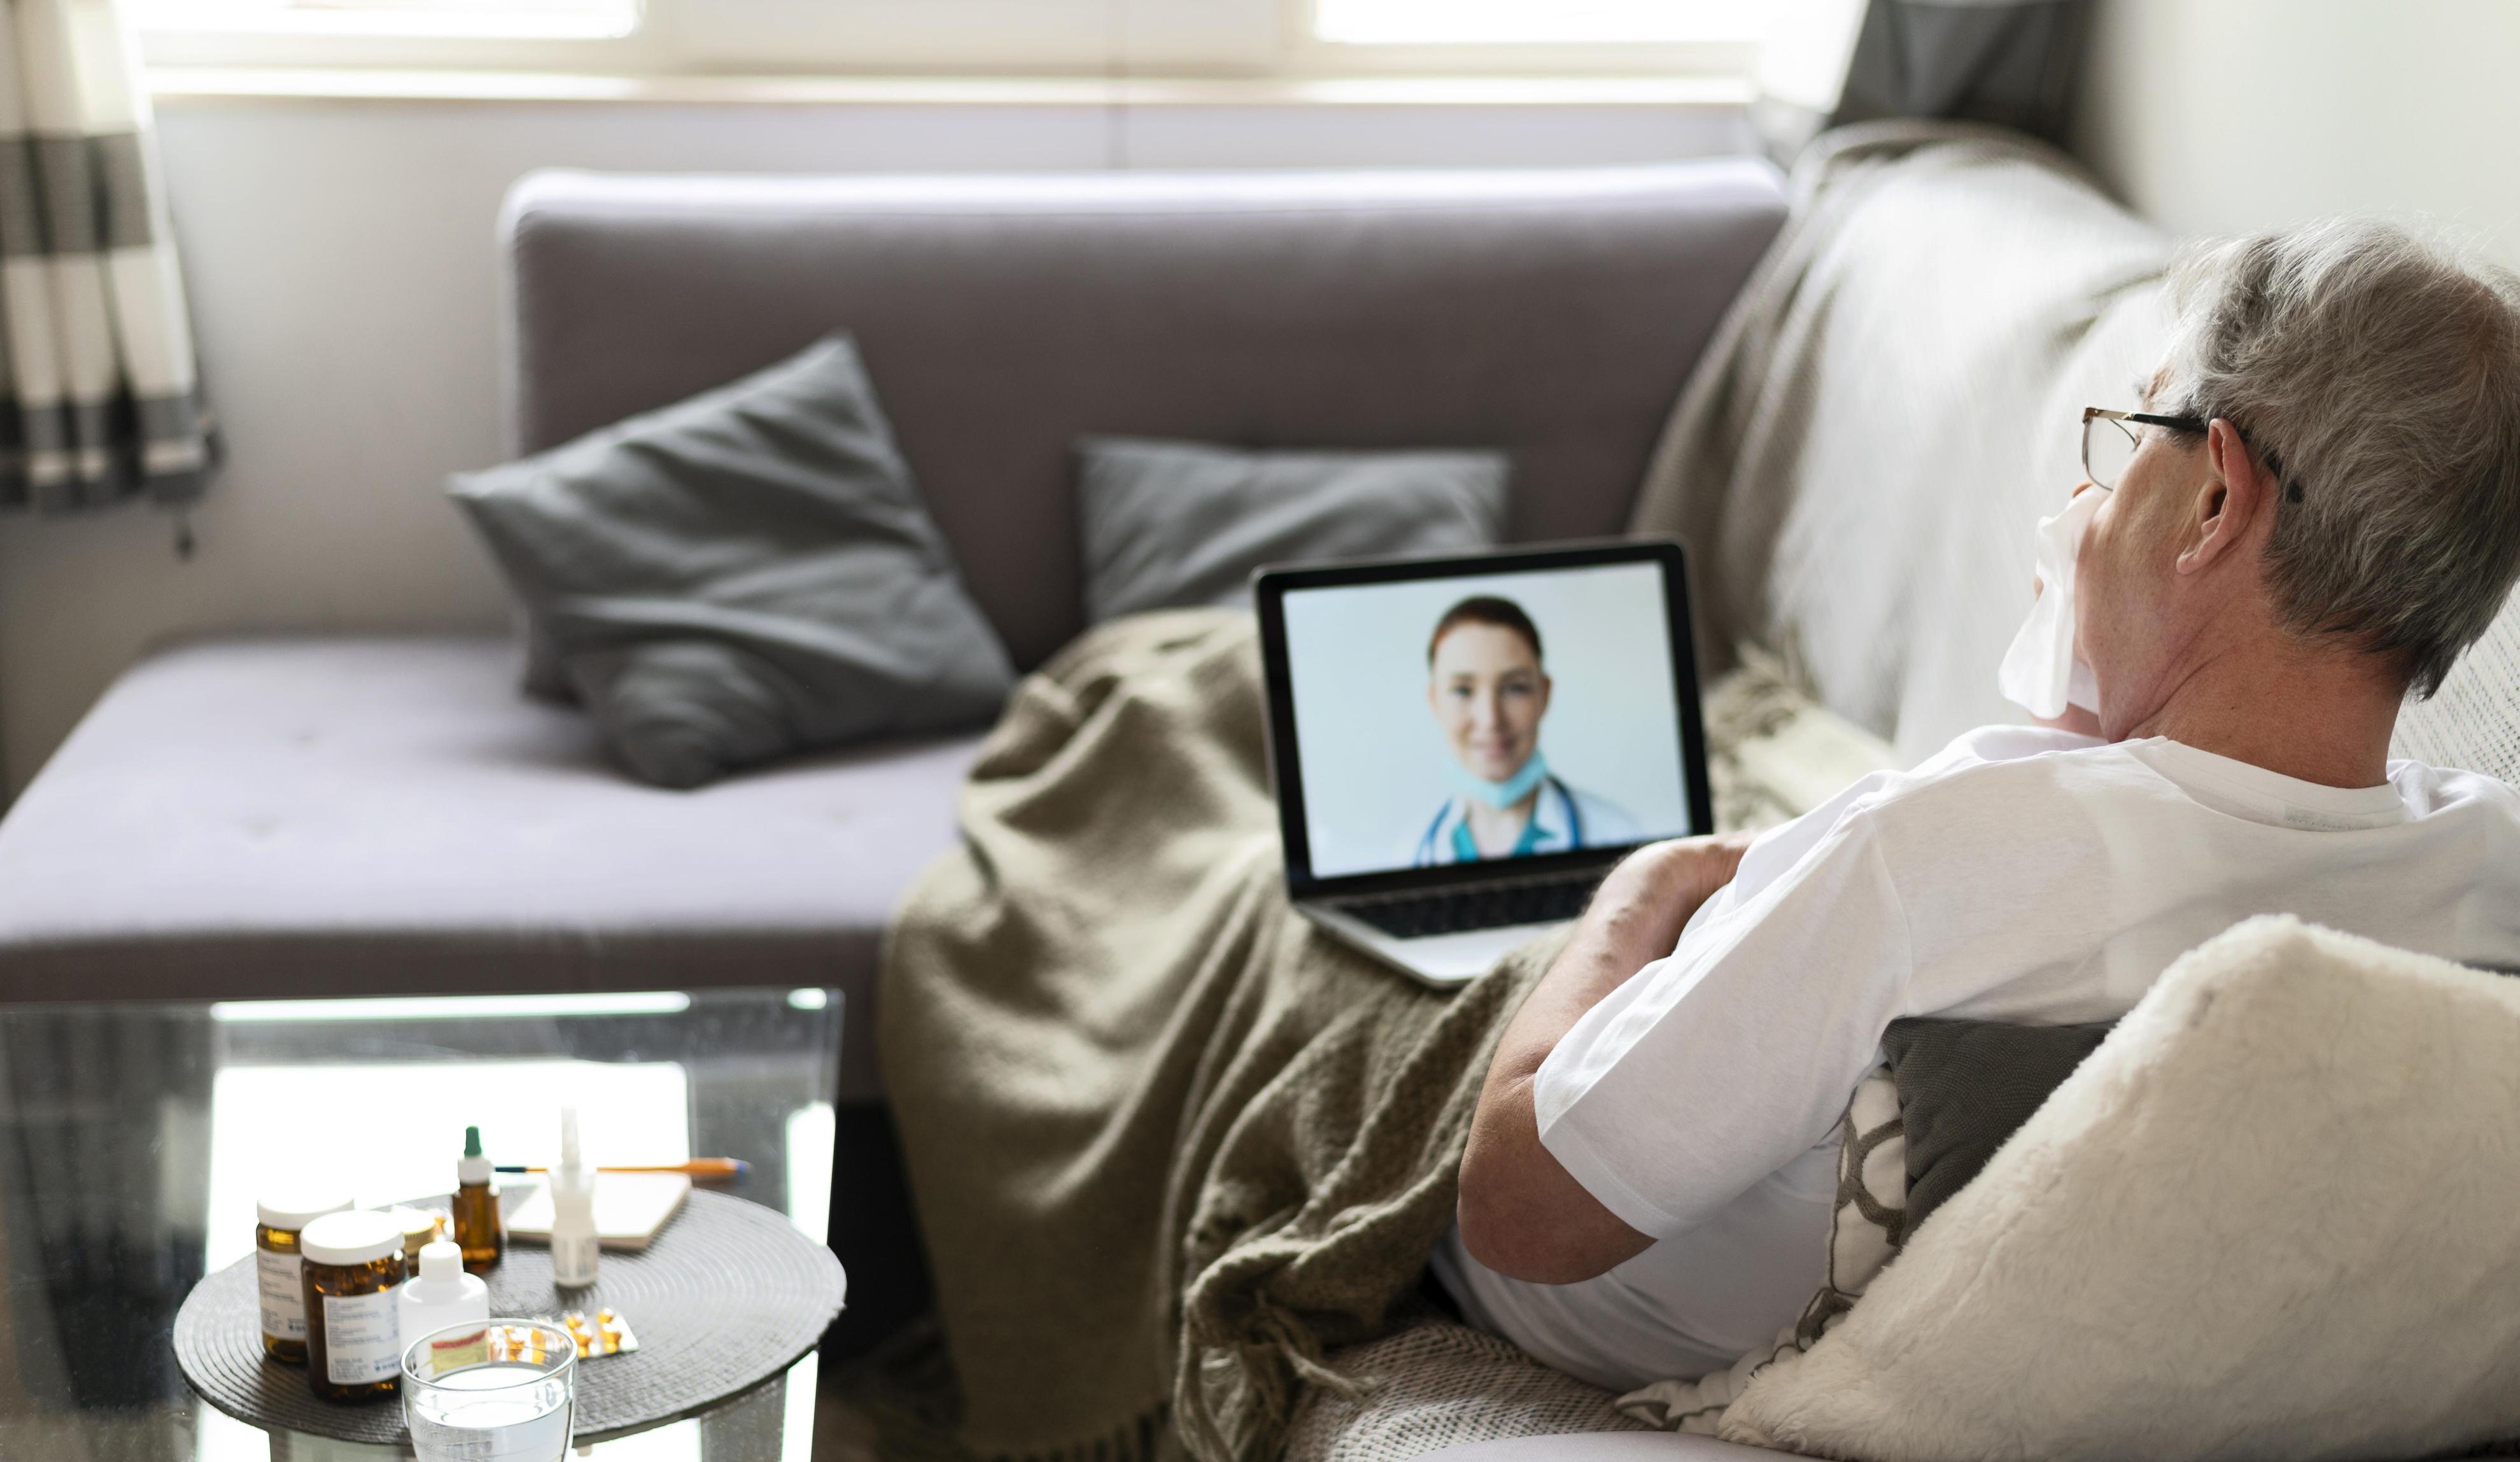 Recibe atenciones médicas cuando más lo necesites con la telemedicina